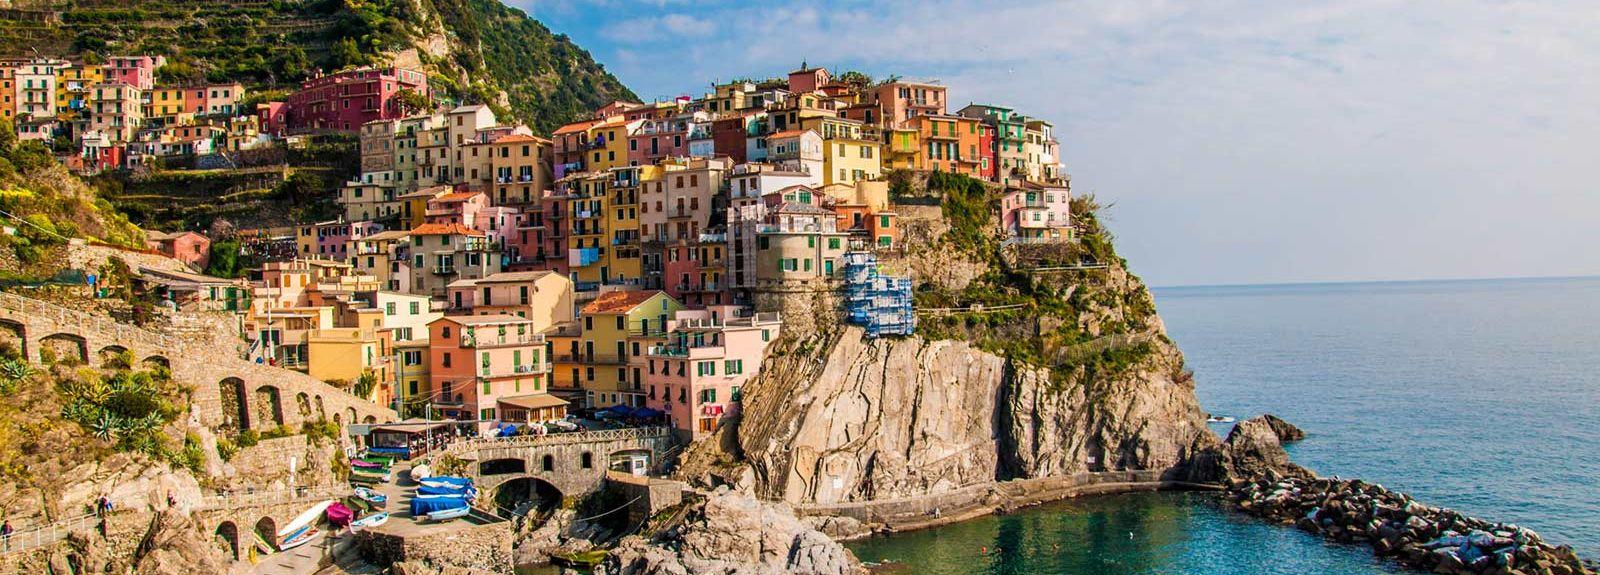 Cardoso, Gallicano, Tuscany, Italy